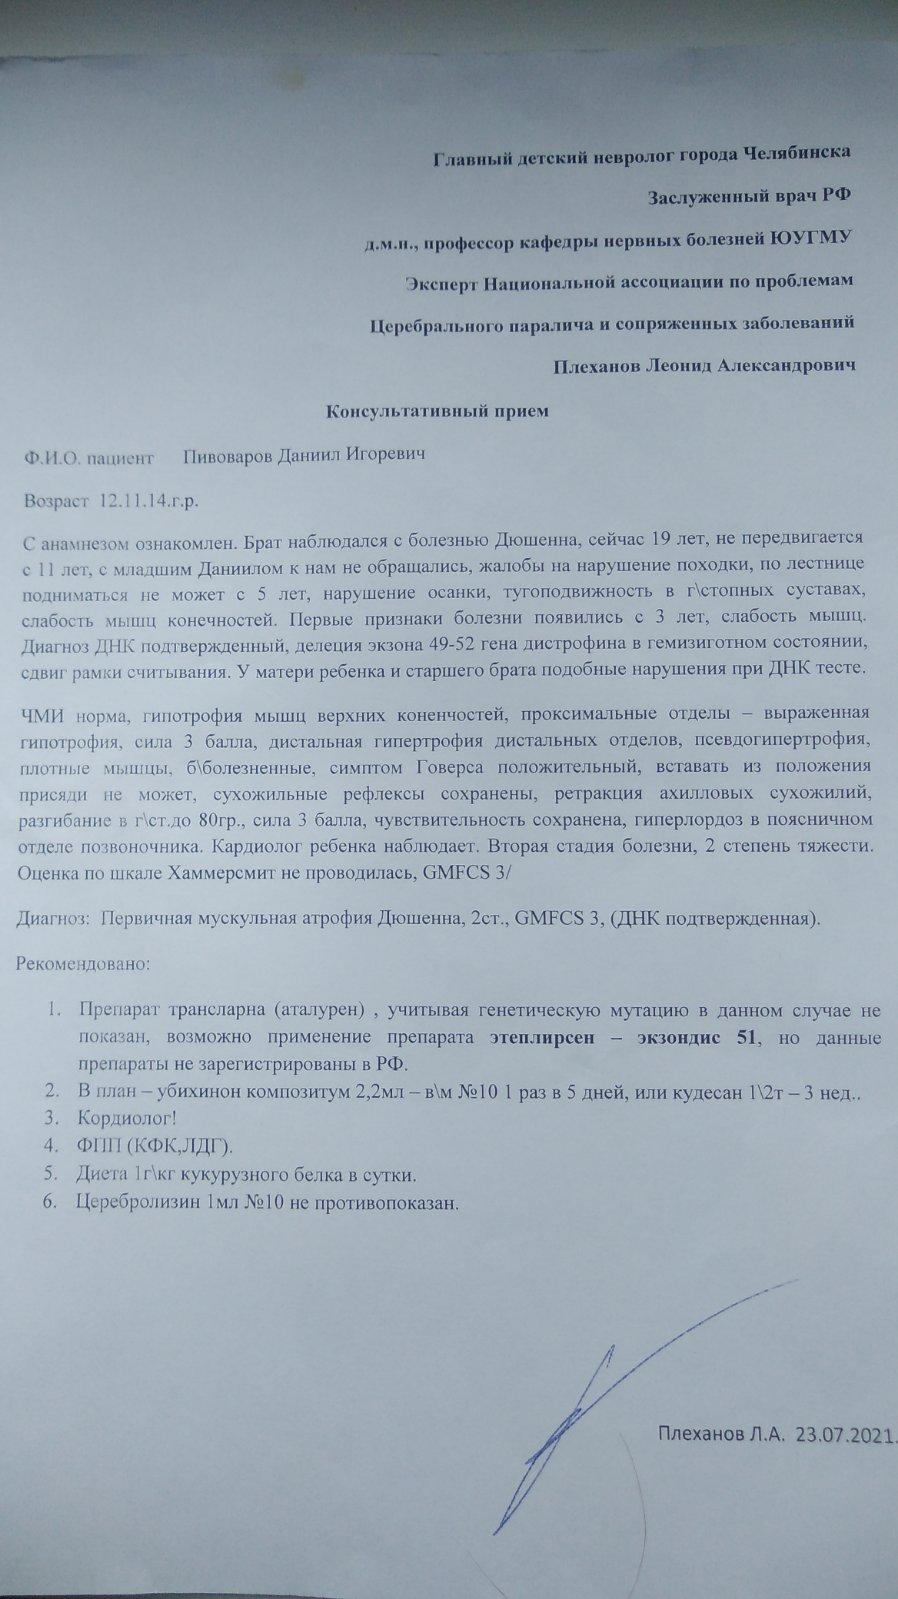 Лекарство для Даниила существует, но оно не зарегистрировано в РФ.